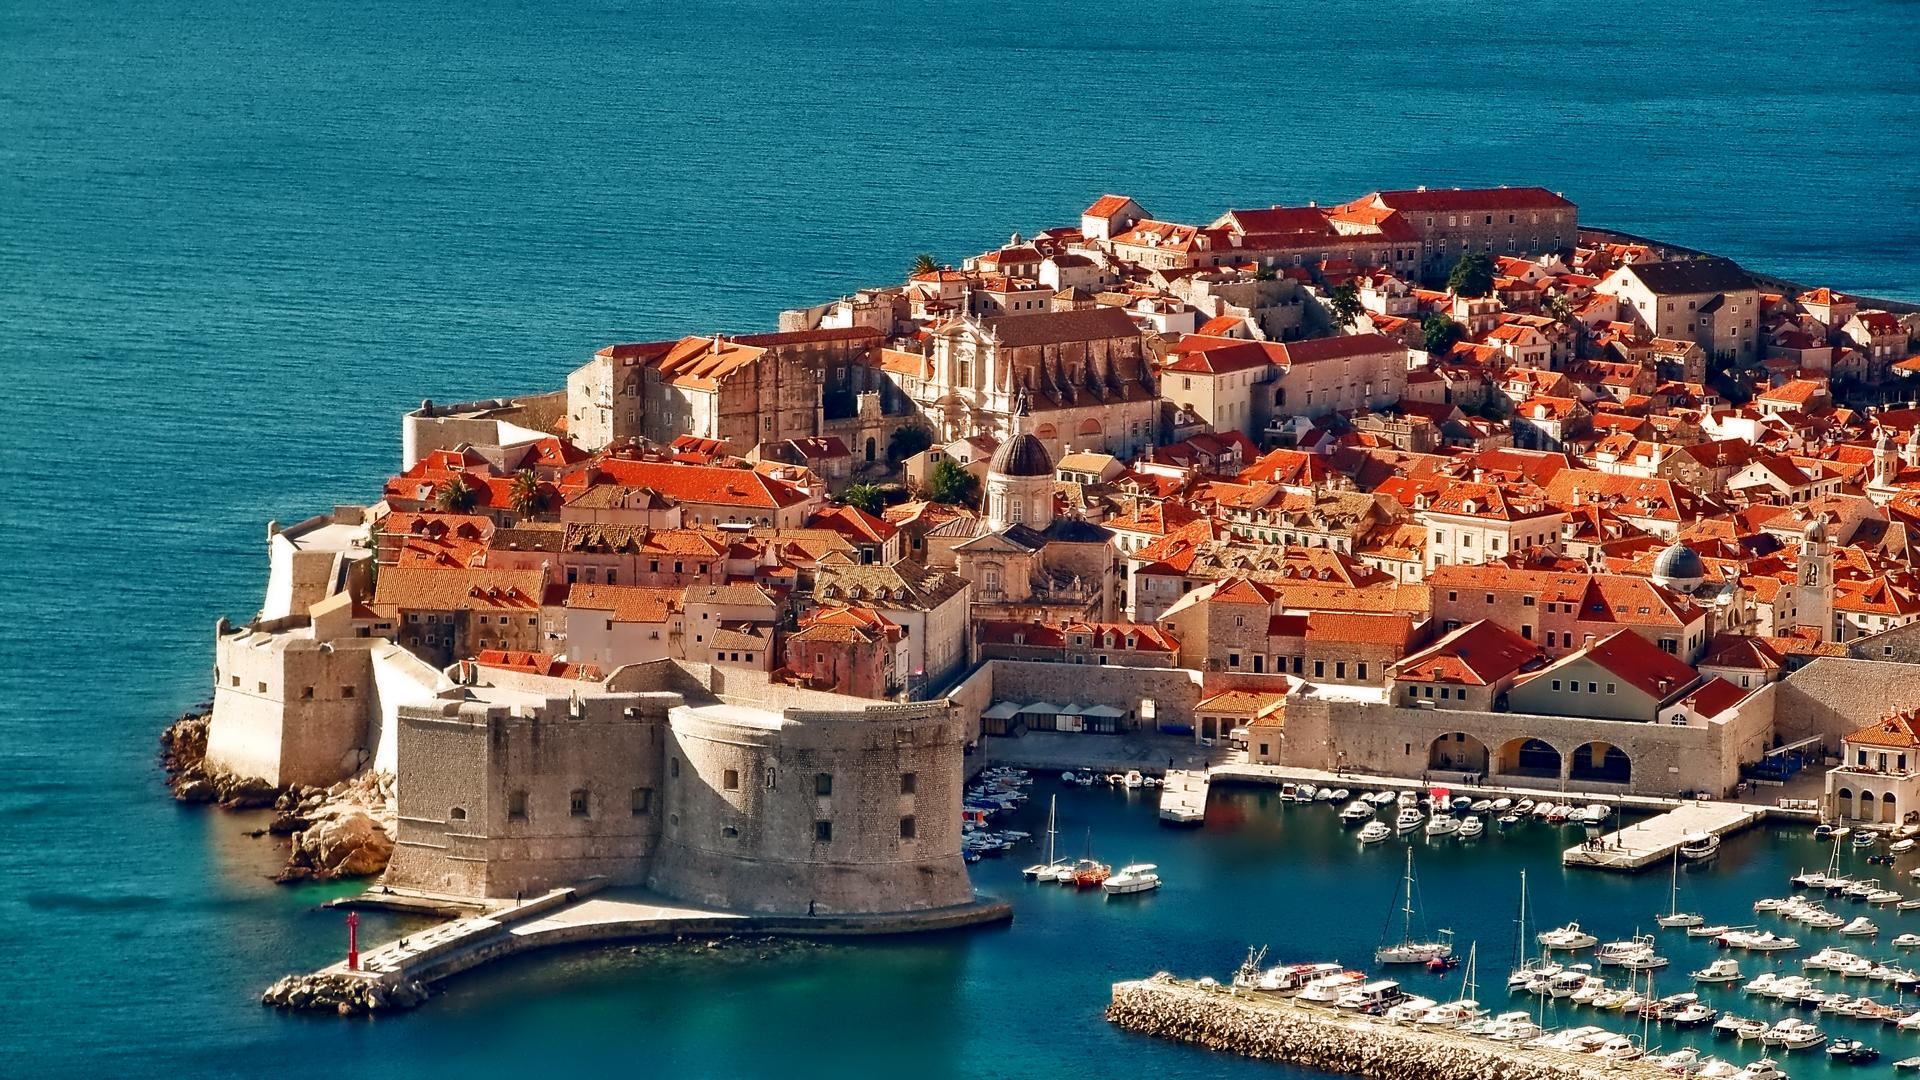 Ha az egyik idei célod az, hogy elutazol Dubrovnikba, tegyél a célkitűző tábládra egy szép képet erről a csodaszép városról